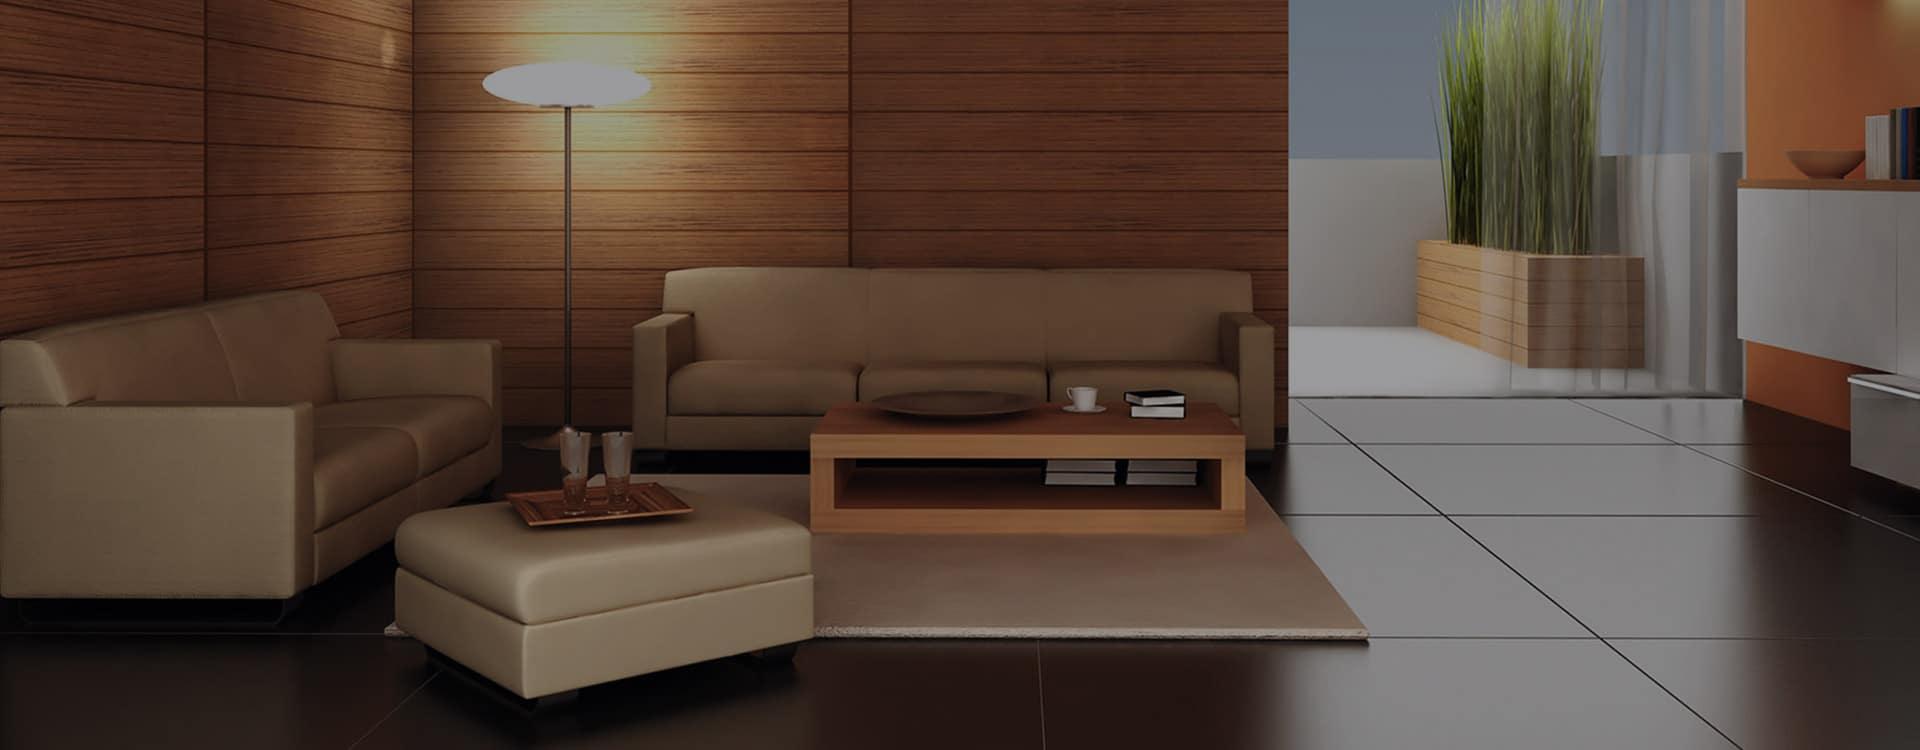 Limpieza de alfombras precio recogida y entrega gratuita for Precios limpieza alfombras madrid